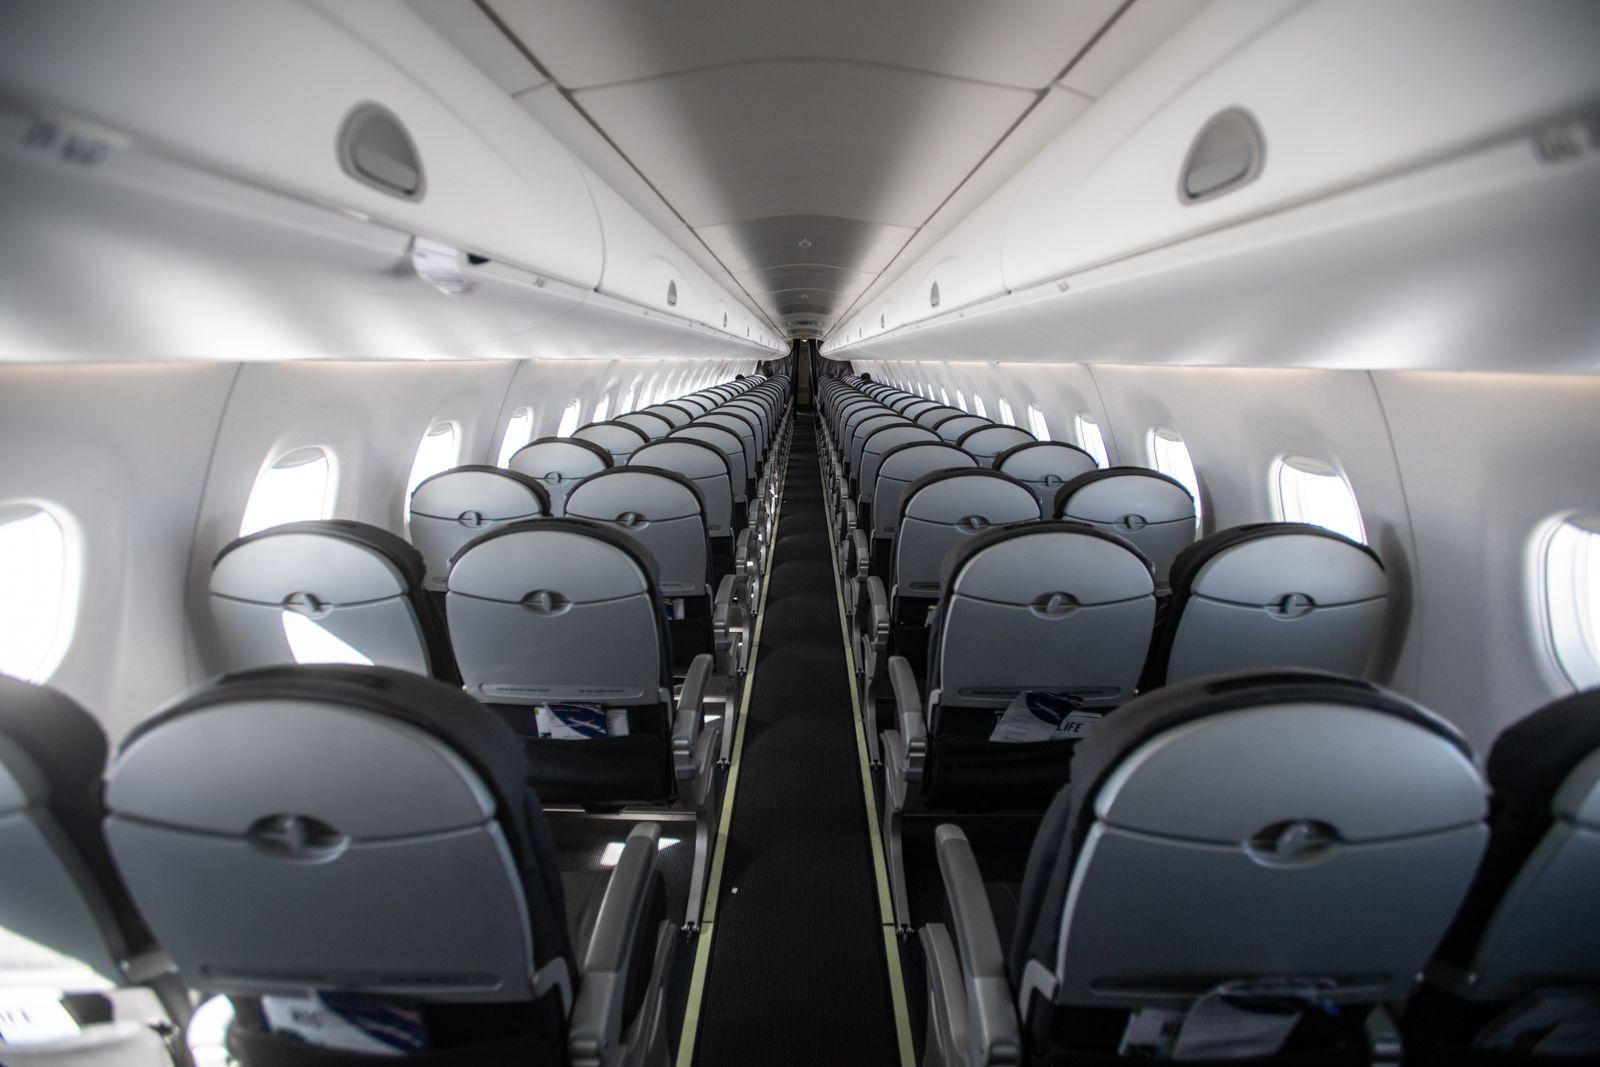 Coronavirus / Luftfahrt / leeres Flugzeug